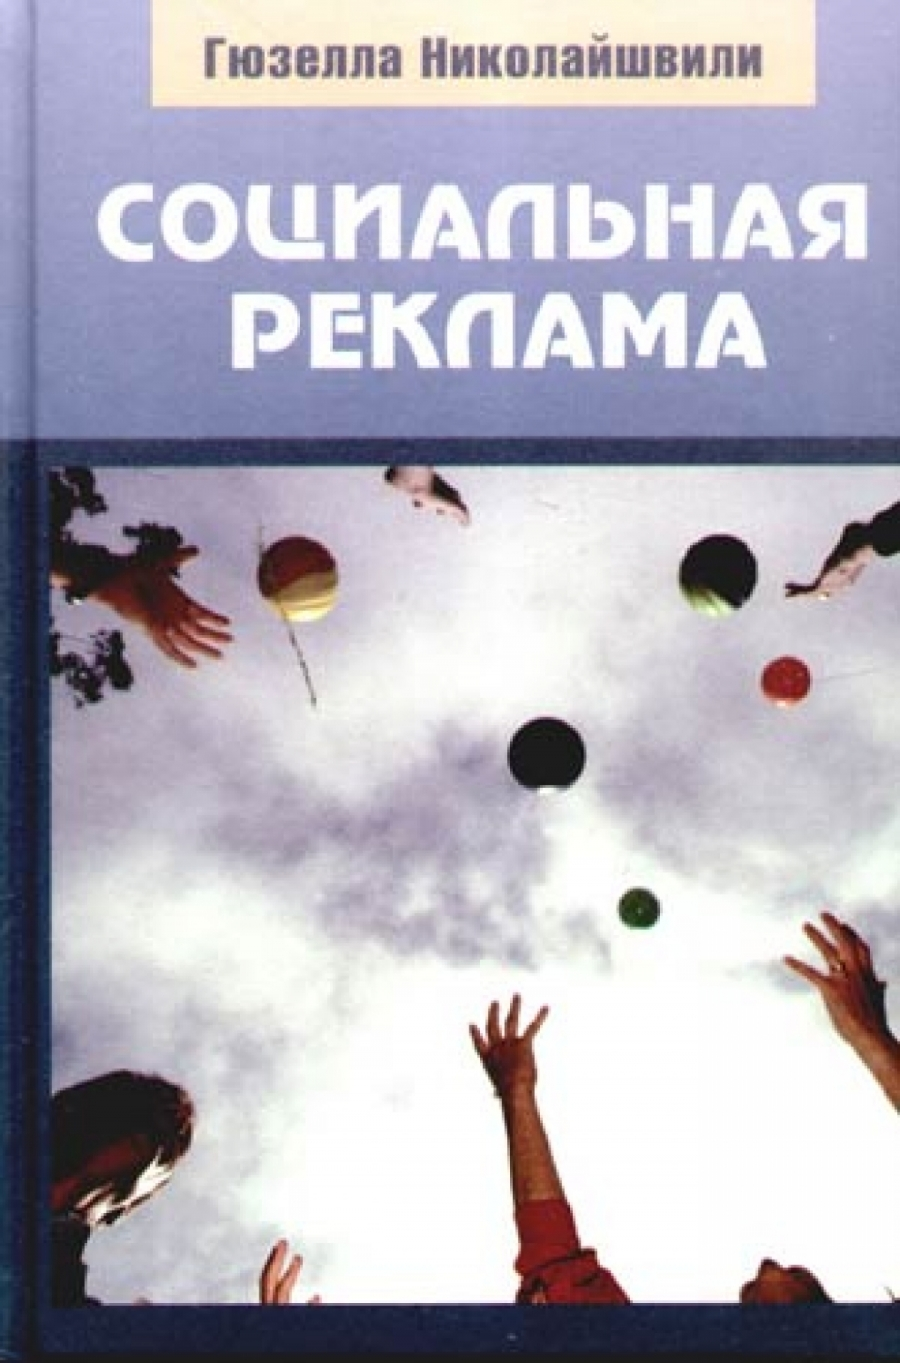 Обложка книги:  учебники профессора п. с. гуревича - гуревич п. с. - психология рекламы